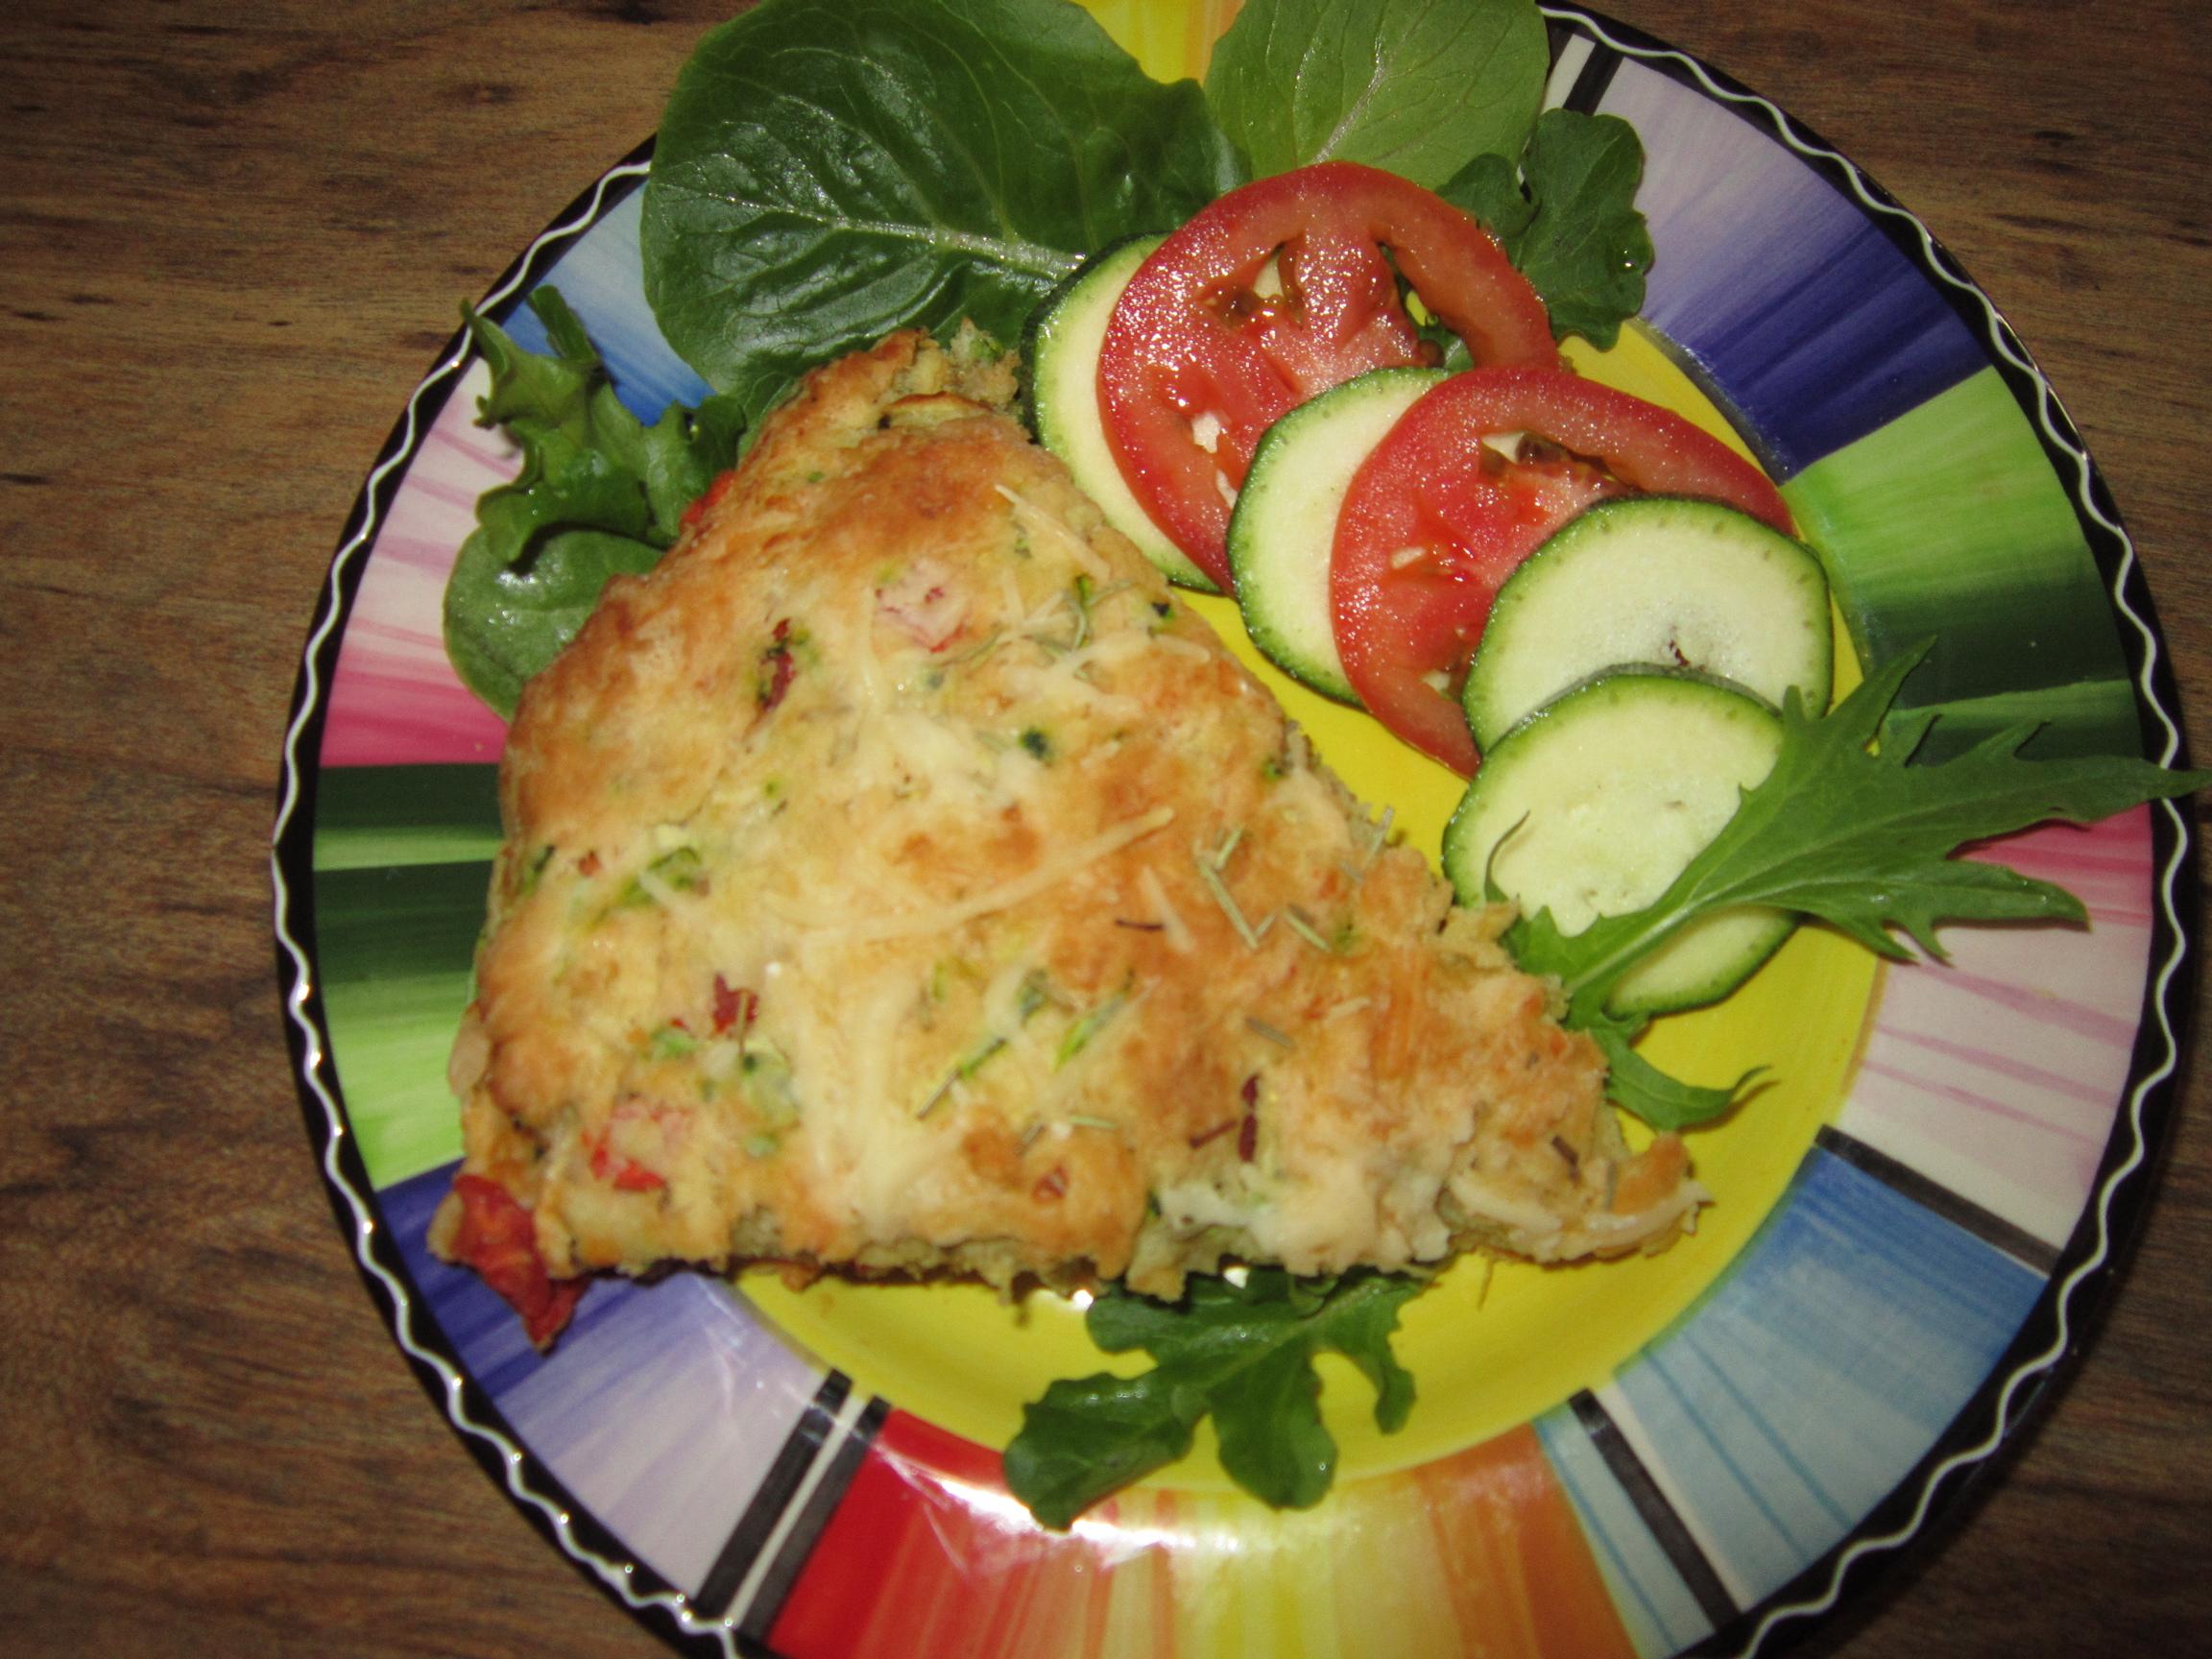 Parmesan Zucchini Tomato Herb Bread